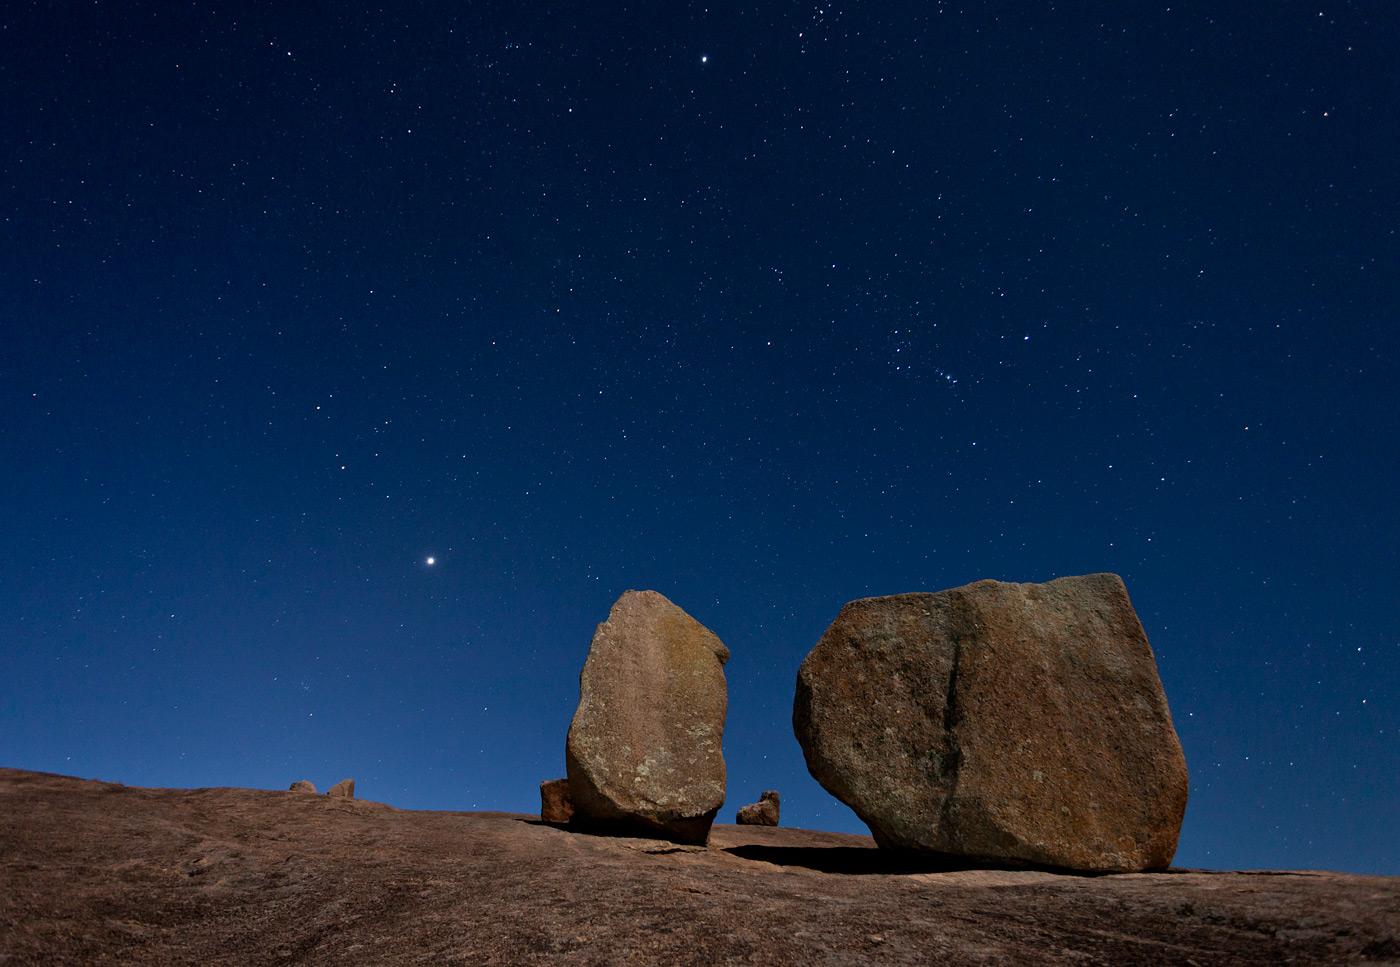 Enchanted-Rock-ABP-Boulders-Stars.jpg